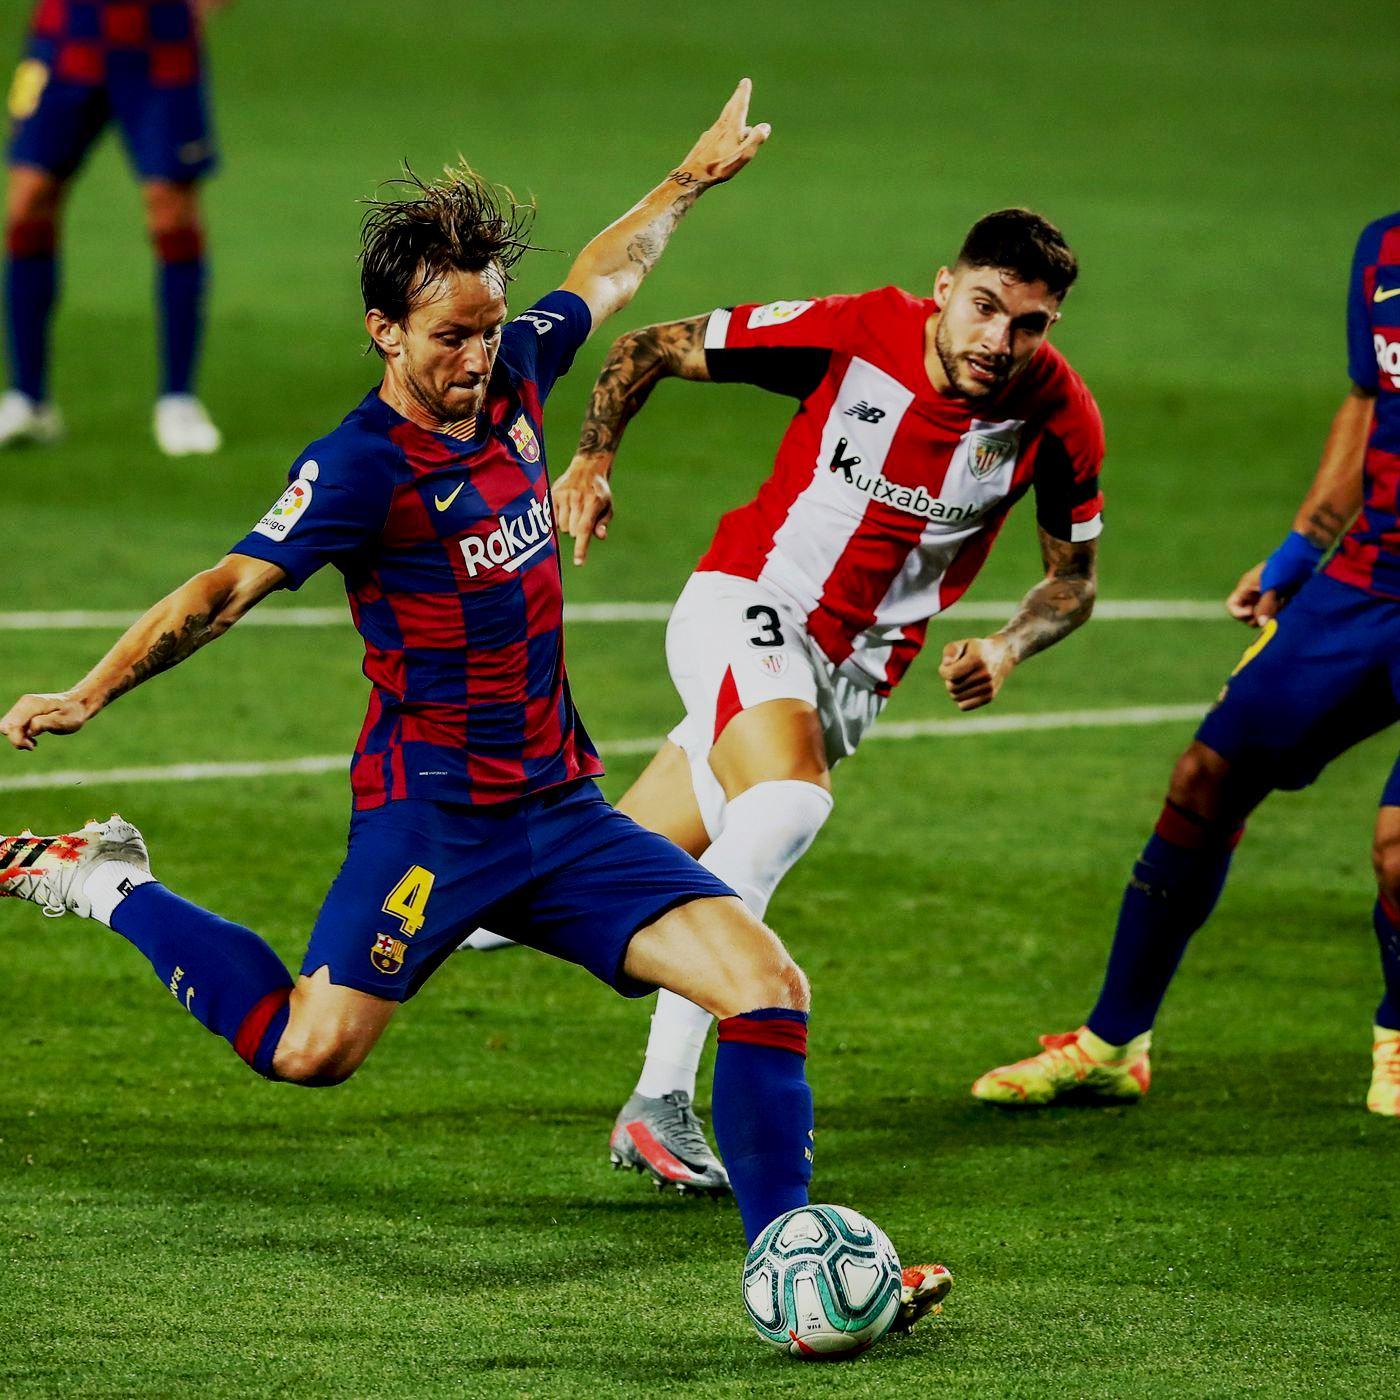 برشلونة 1-0 أثليتيك: هدف واحد بثلاث نقاط